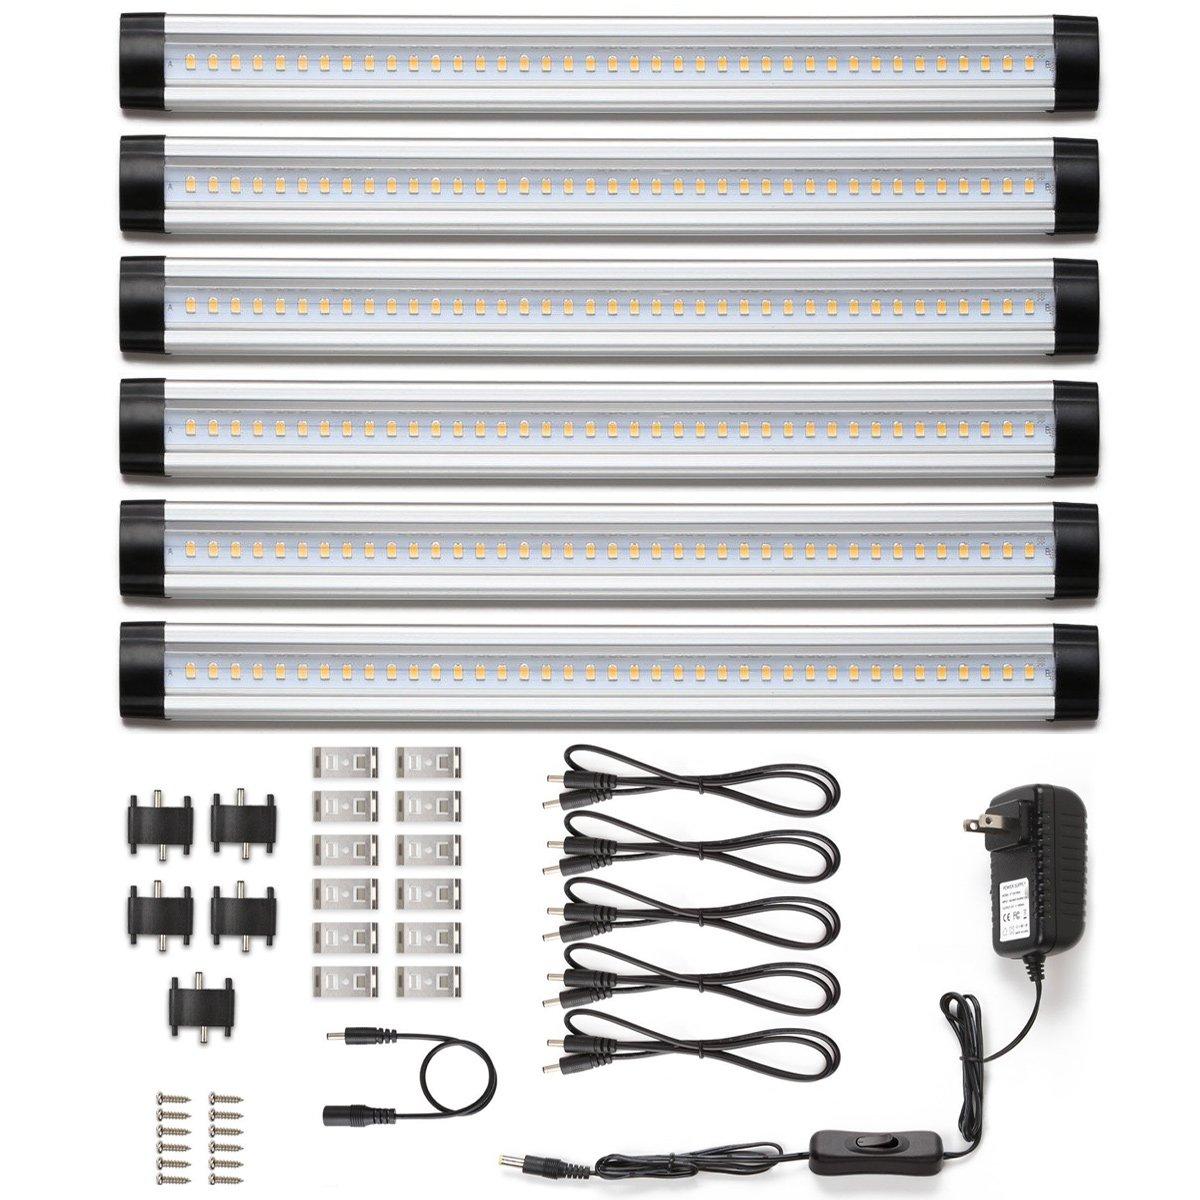 LE Under Cabinet LED Lighting, 6 Panel Kit, 24W Total, 12 V DC, 1800lm, 3000K Warm White